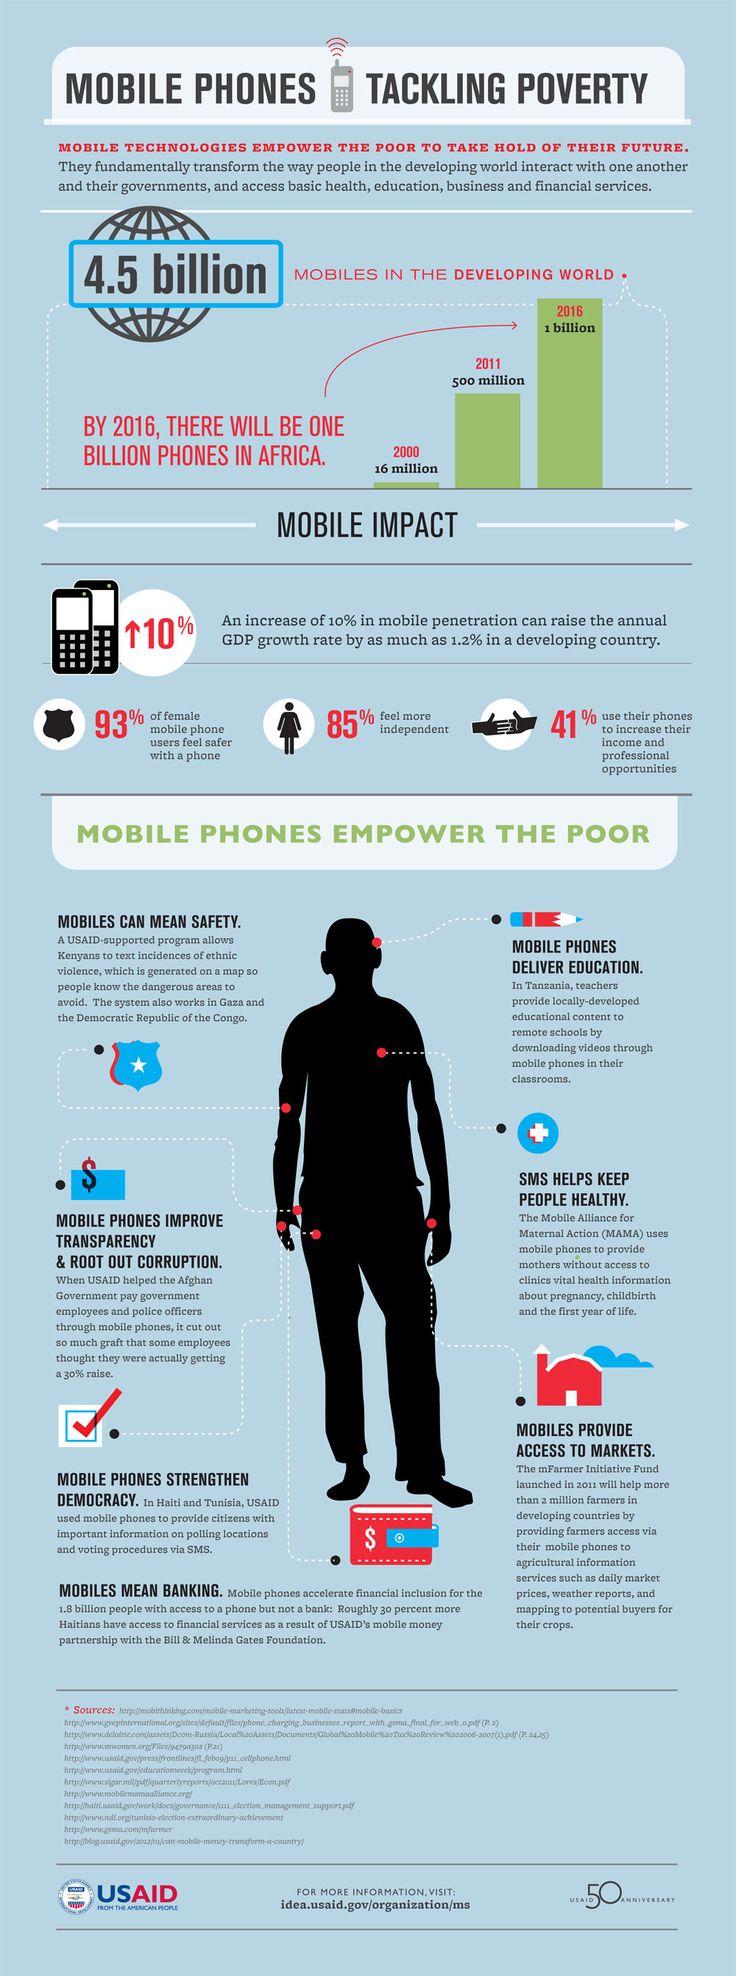 I wonder if I could find mobile phone models sales statistics?